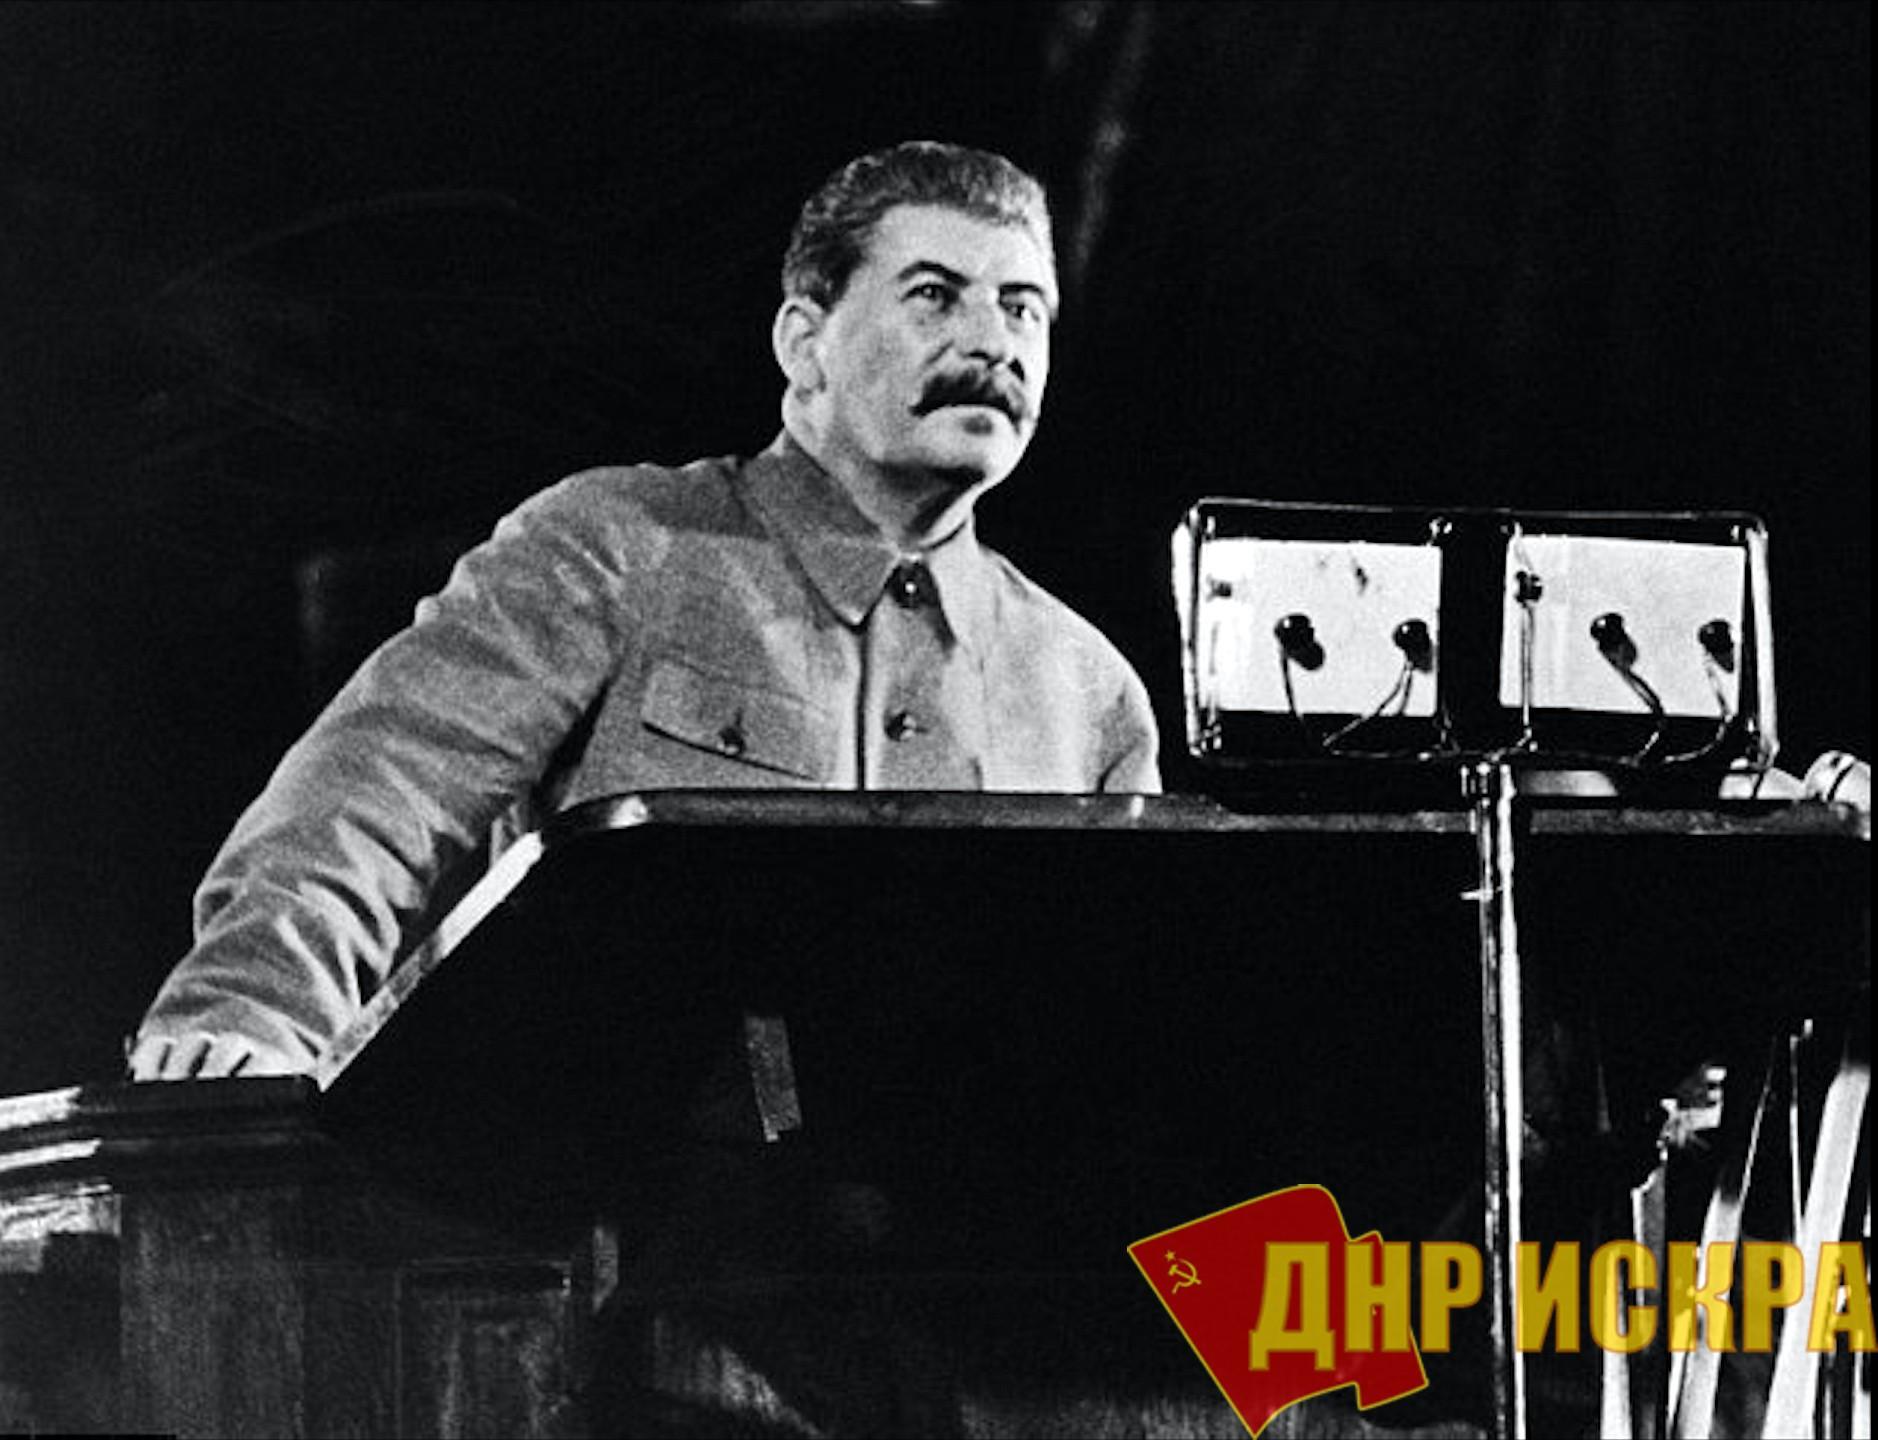 Социализм означает не нищету и лишения, а уничтожение нищеты и лишений, организацию зажиточной и культурной жизни для всех членов общества